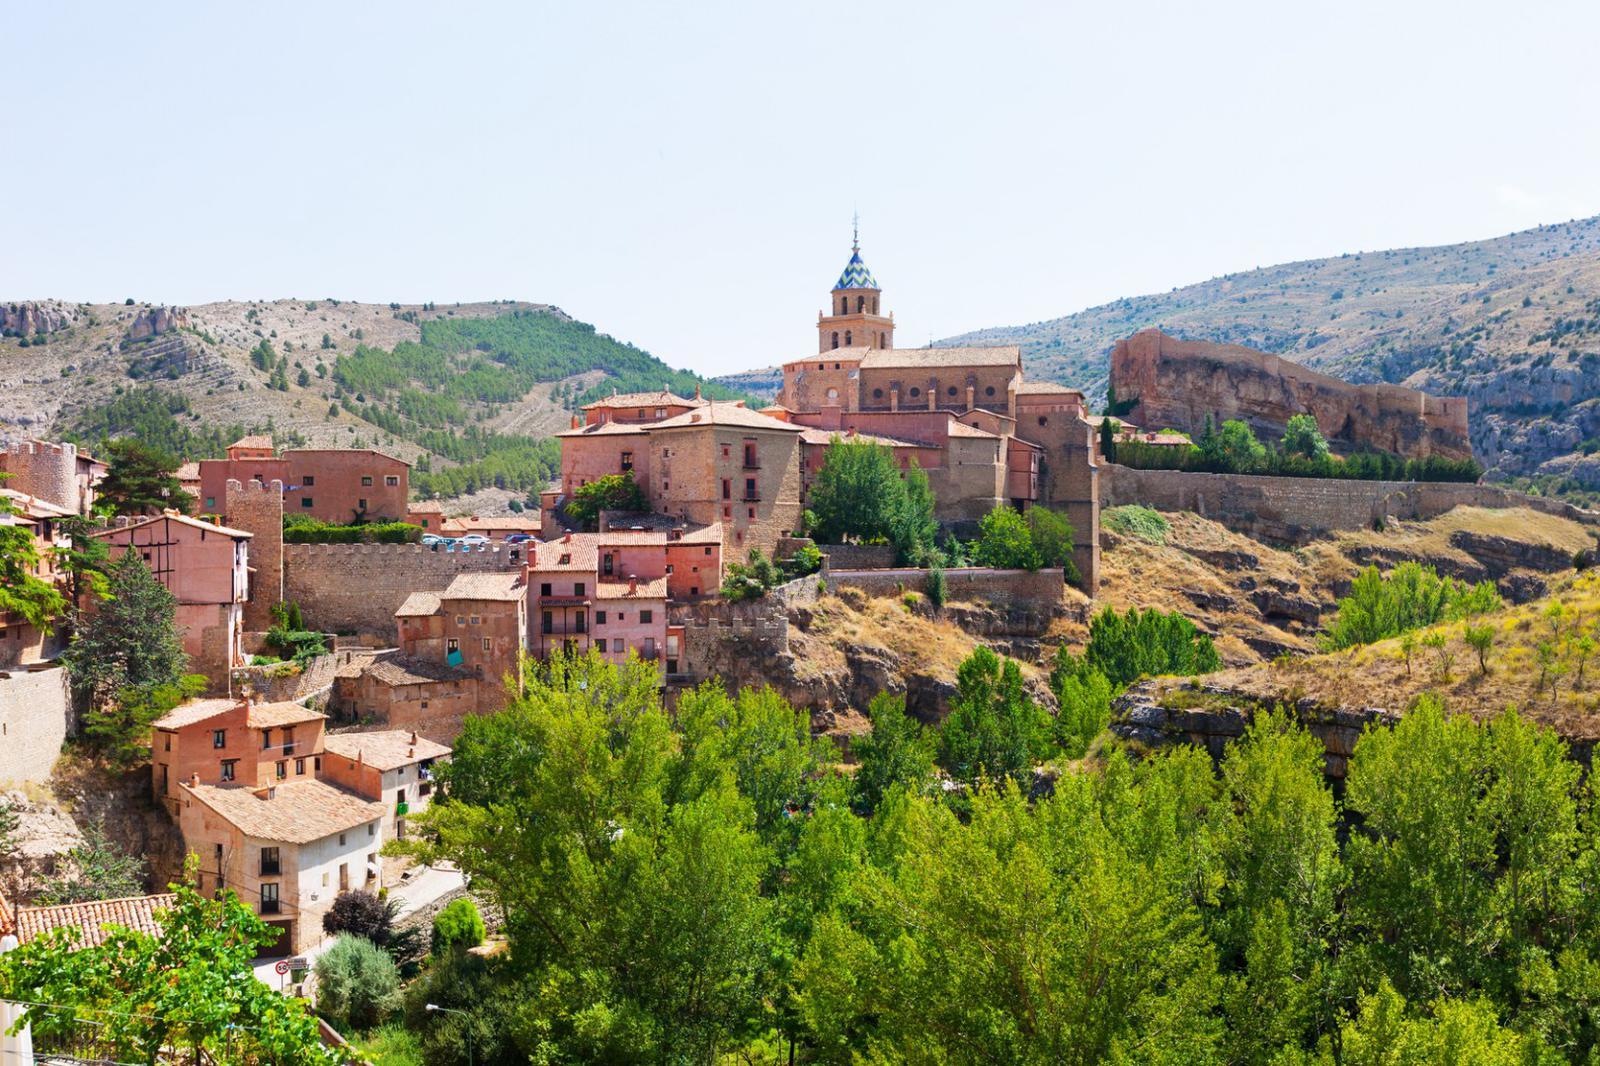 pueblos medievales General view of Albarracin